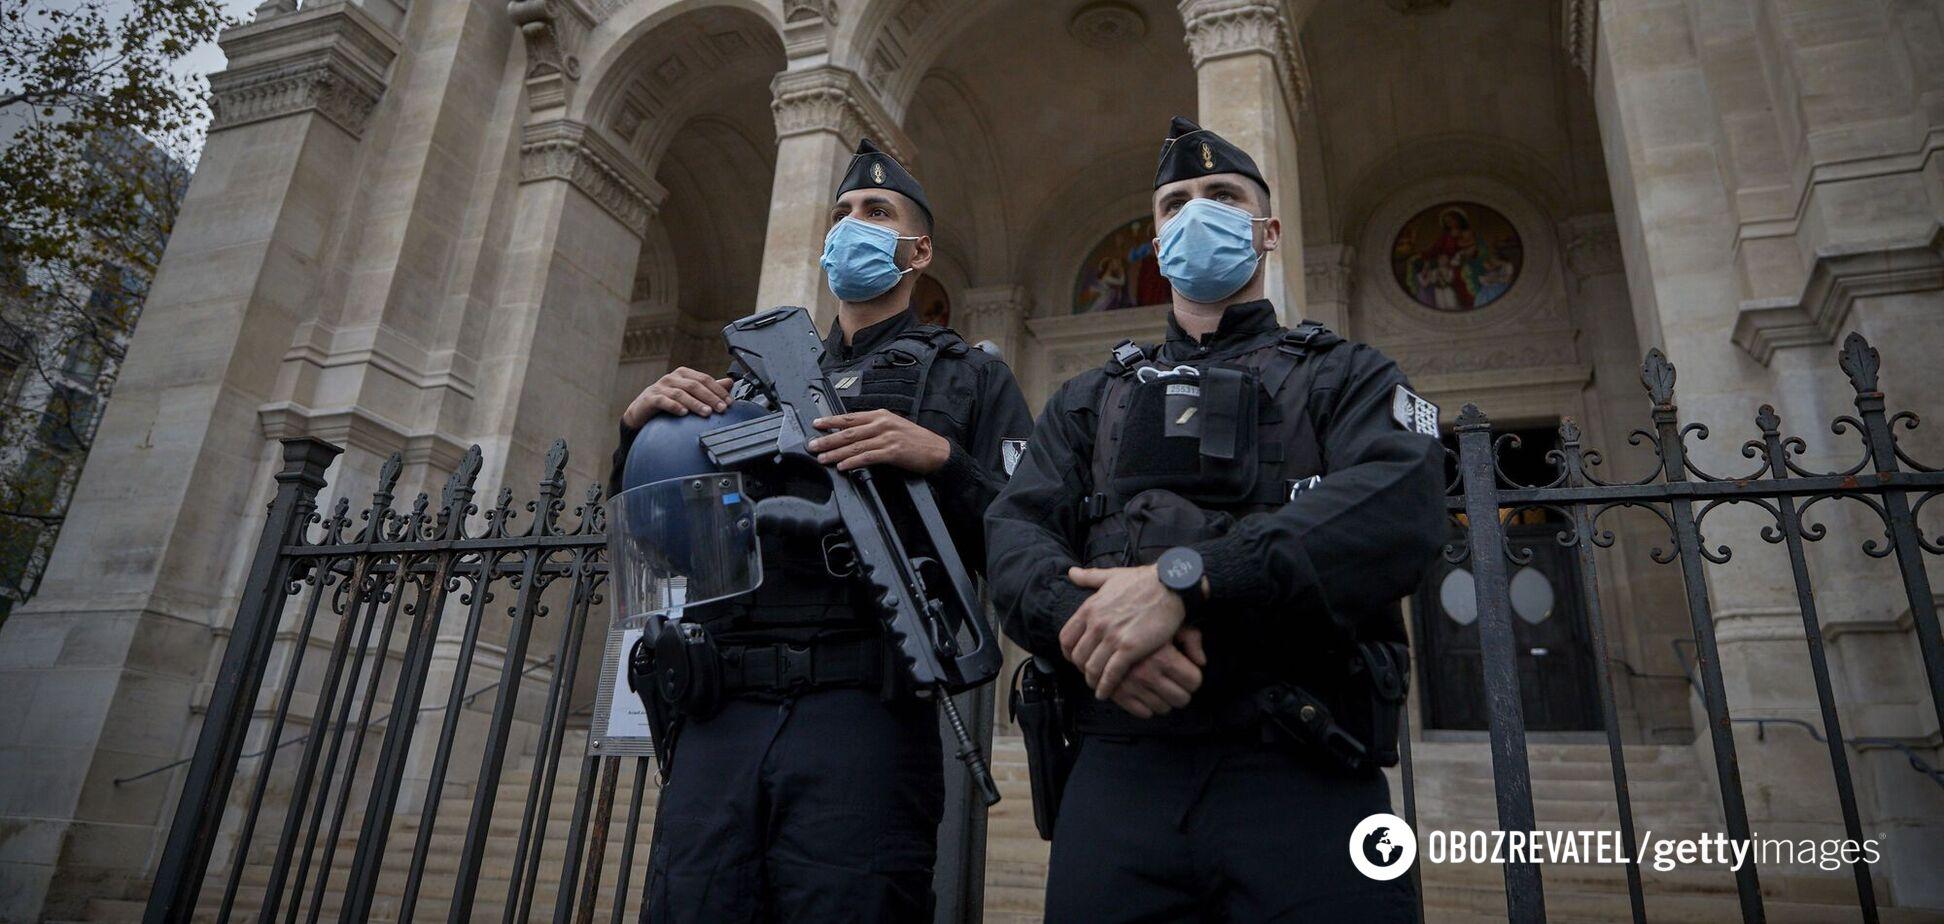 У Парижі чоловік із мачете намагався напасти на людей: блокували кілька вулиць. Відео